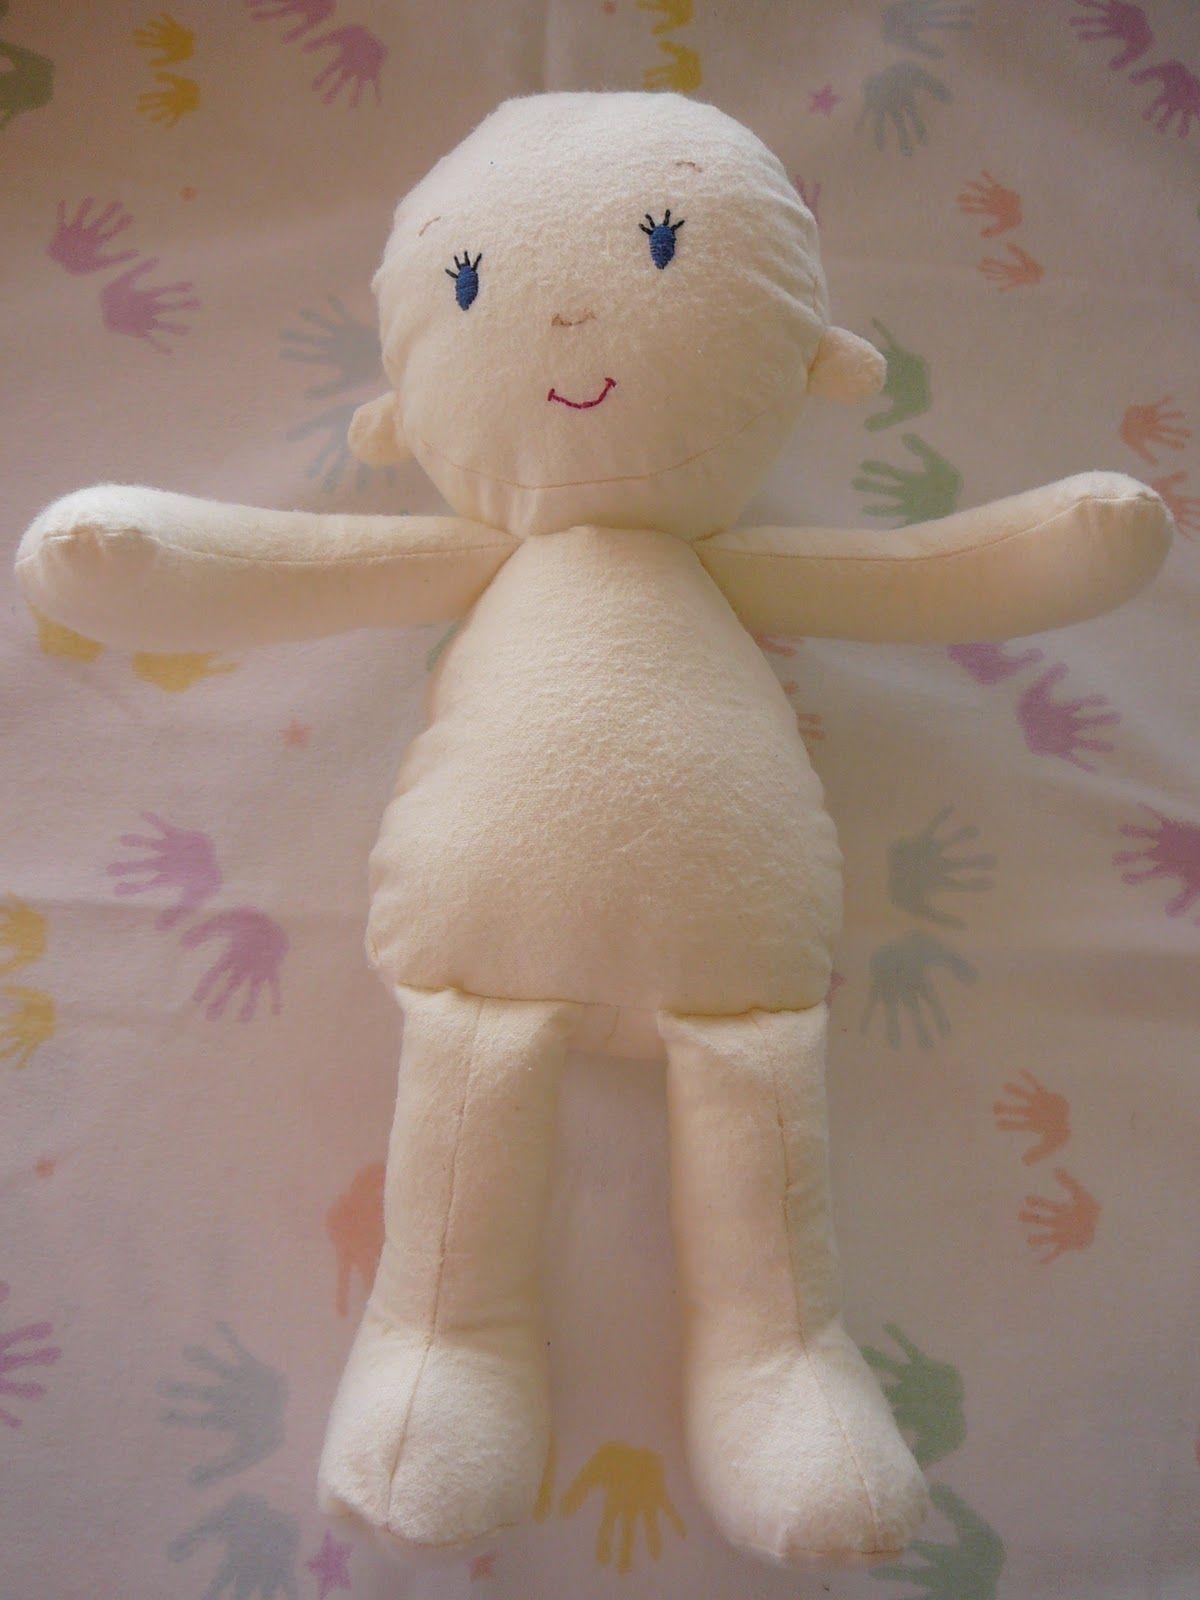 Soft Cloth Doll Patterns Free | Cloth Doll Sewing Pattern | My - Free Printable Cloth Doll Sewing Patterns